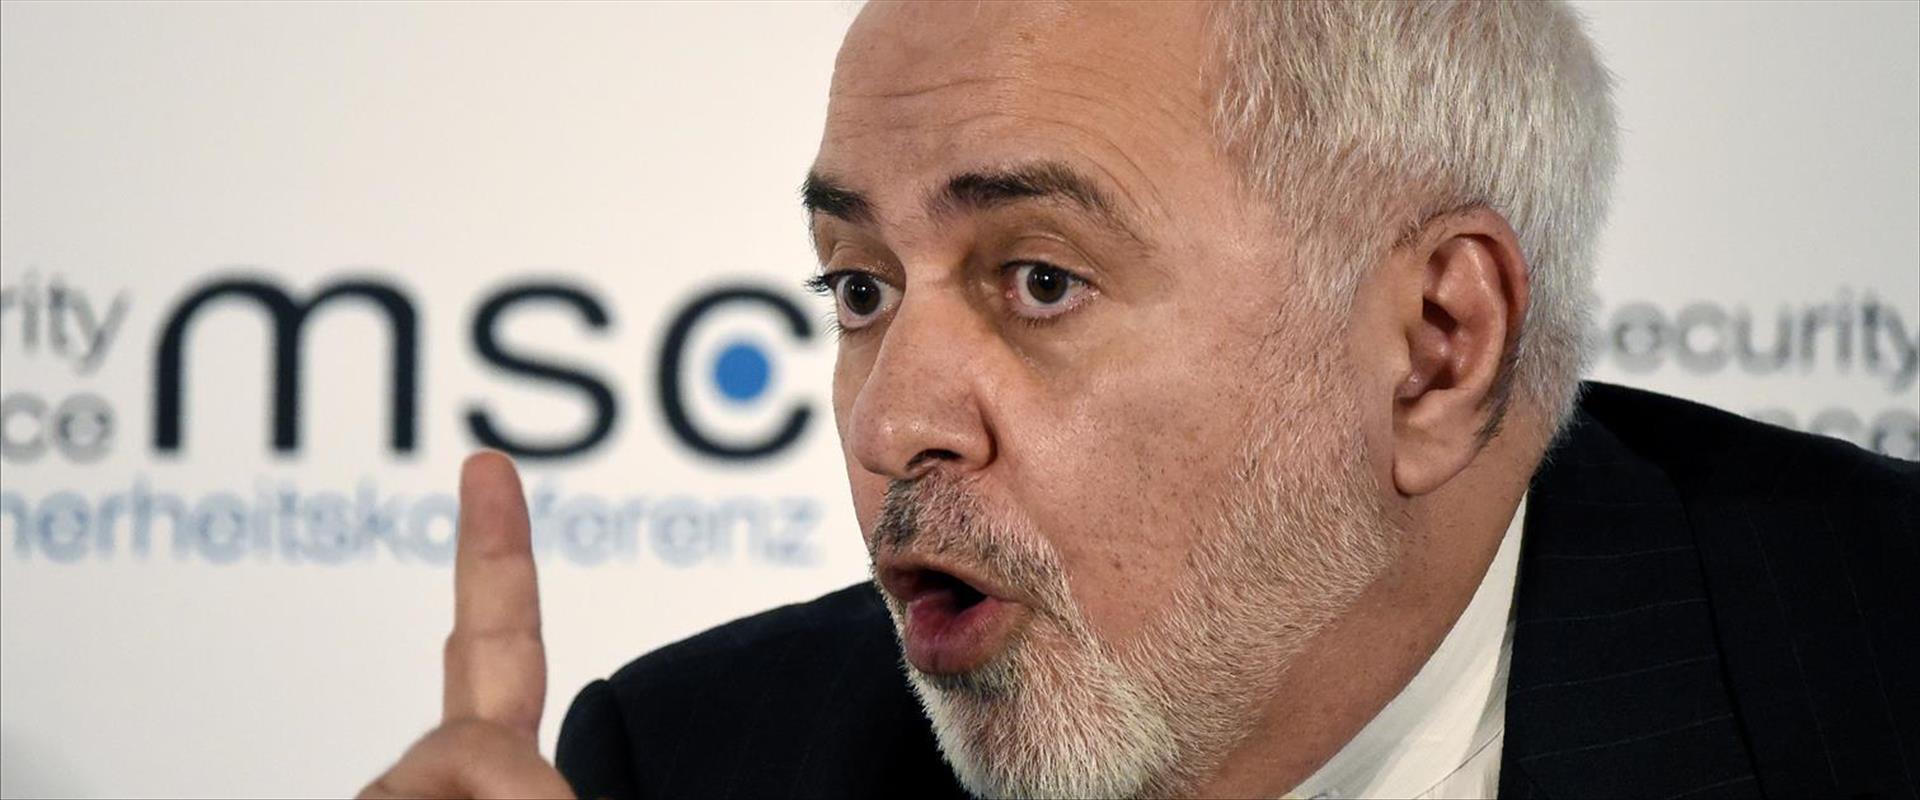 שר החוץ האיראני זריף, ארכיון